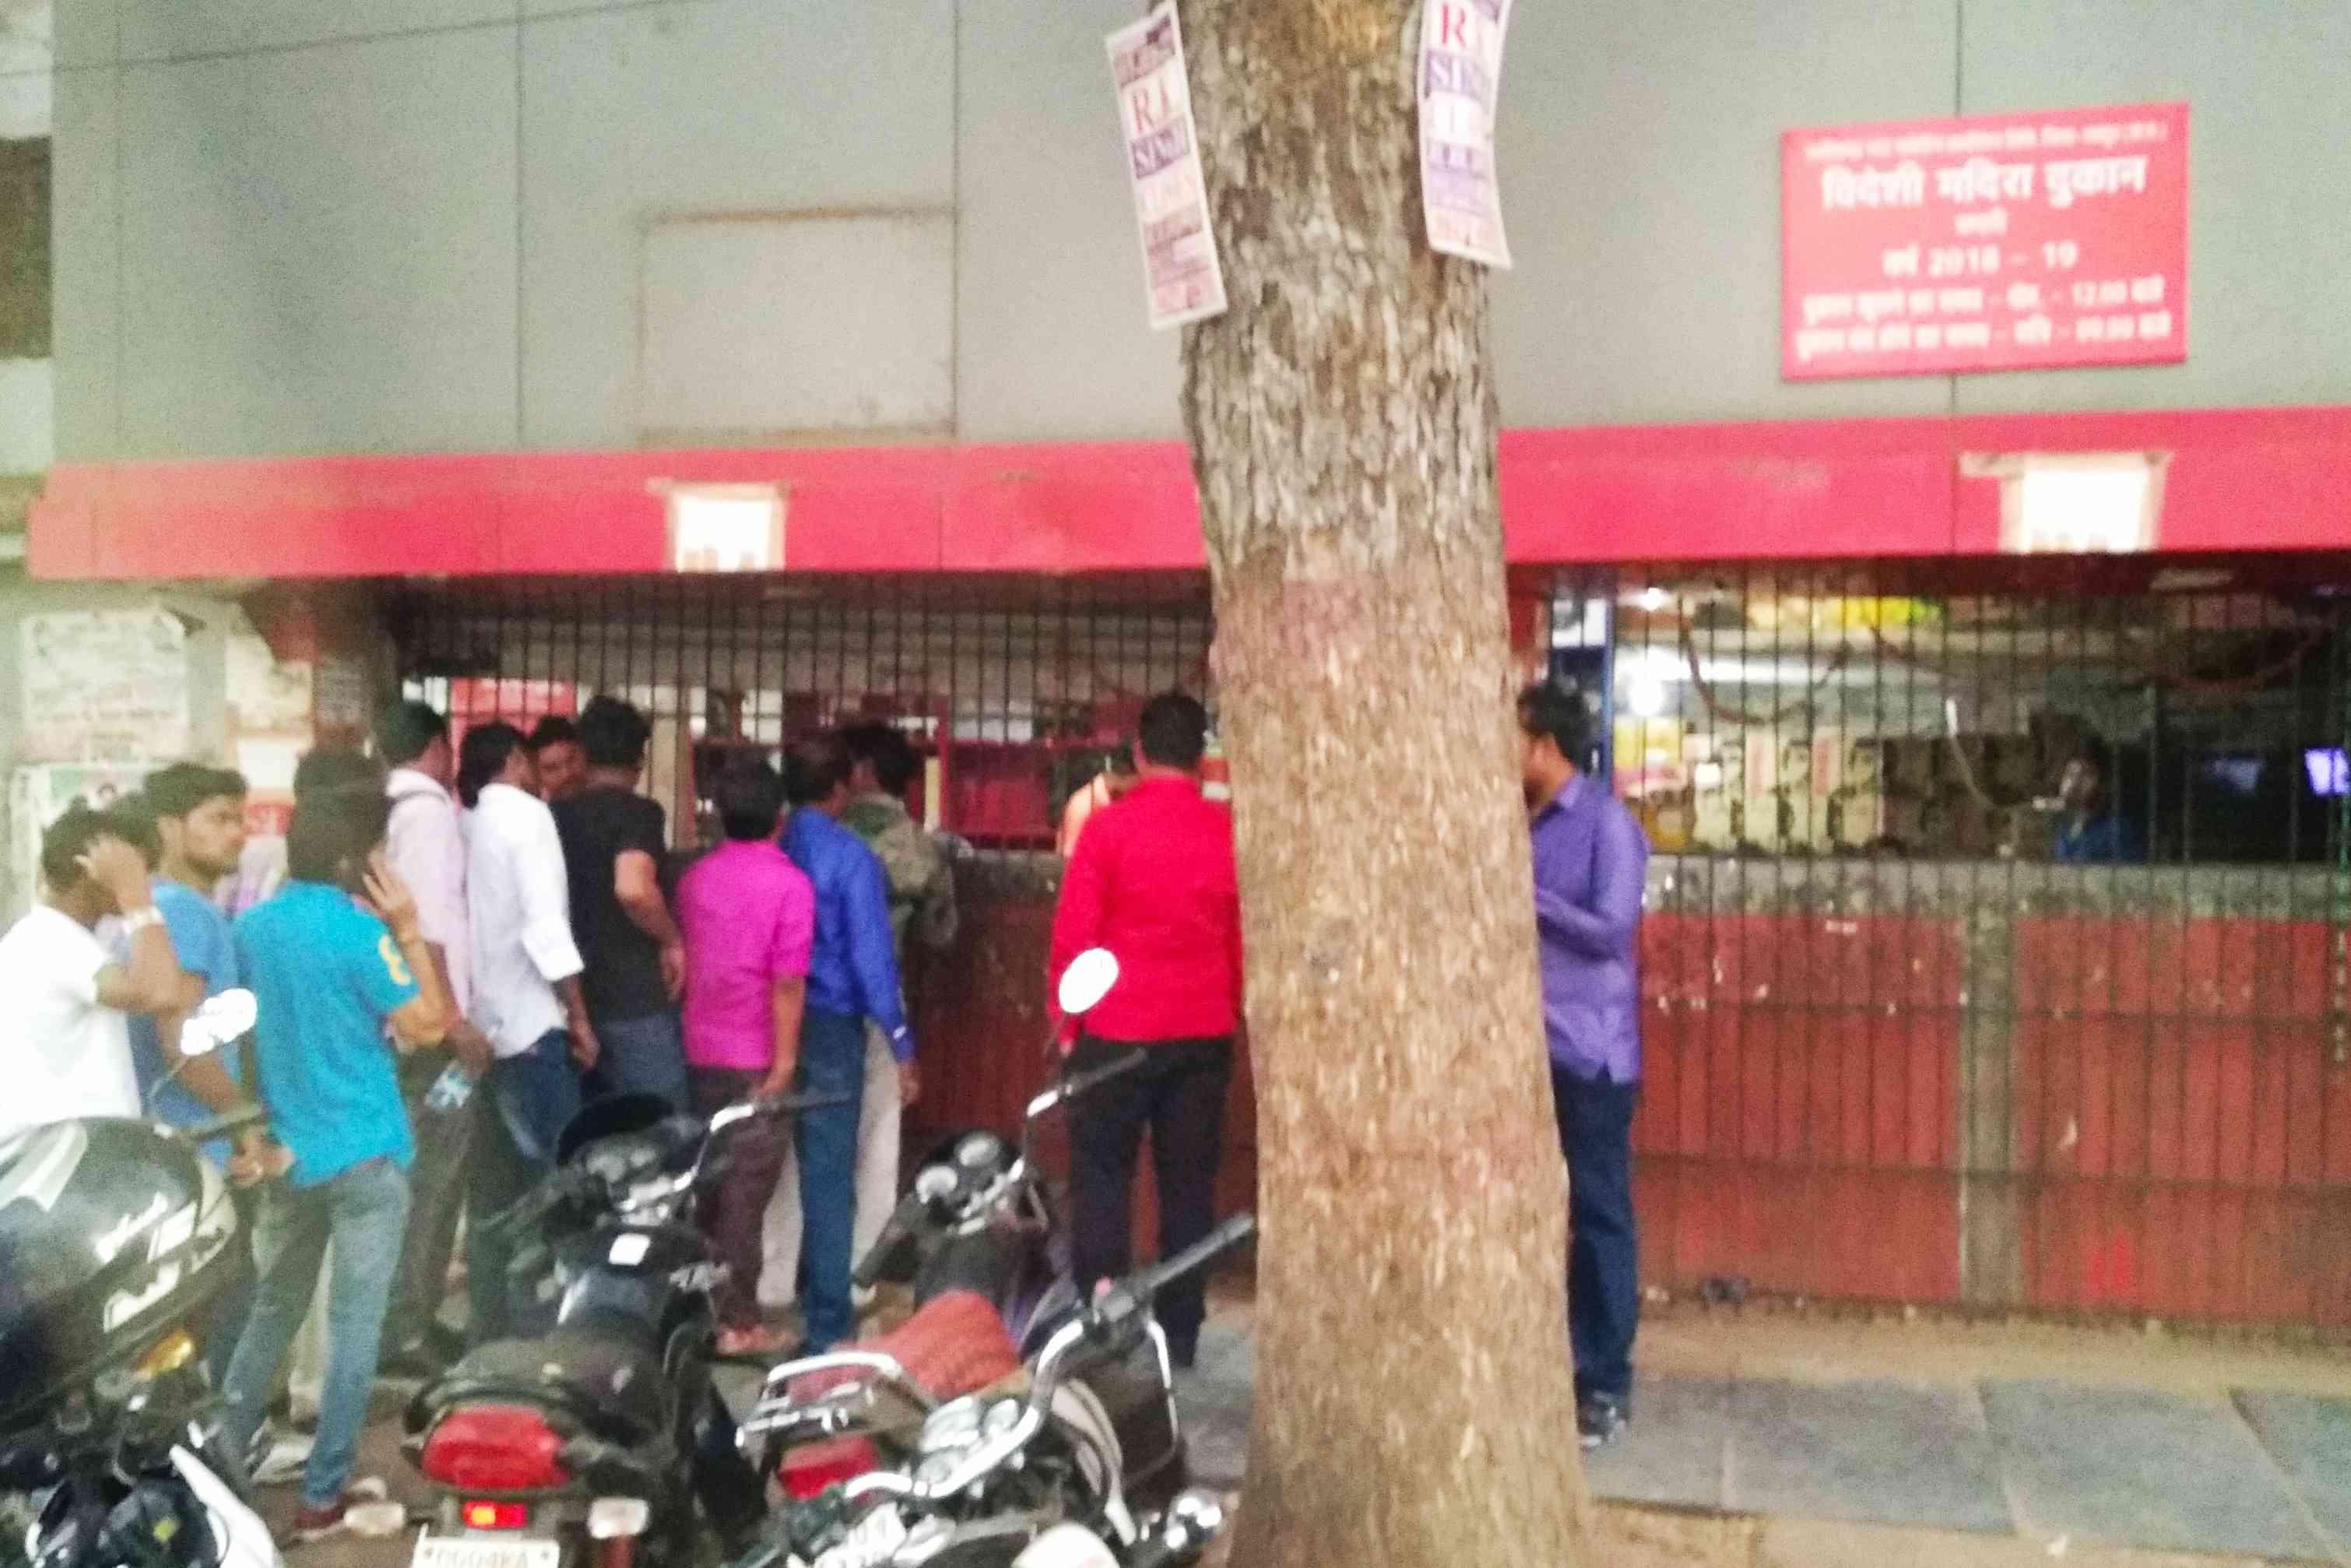 रायपुर स्थित एक विदेशी शराब की दुकान के सामने लगी ग्राहकों की कतार   फोटो: हेमंत कुमार पांडेय